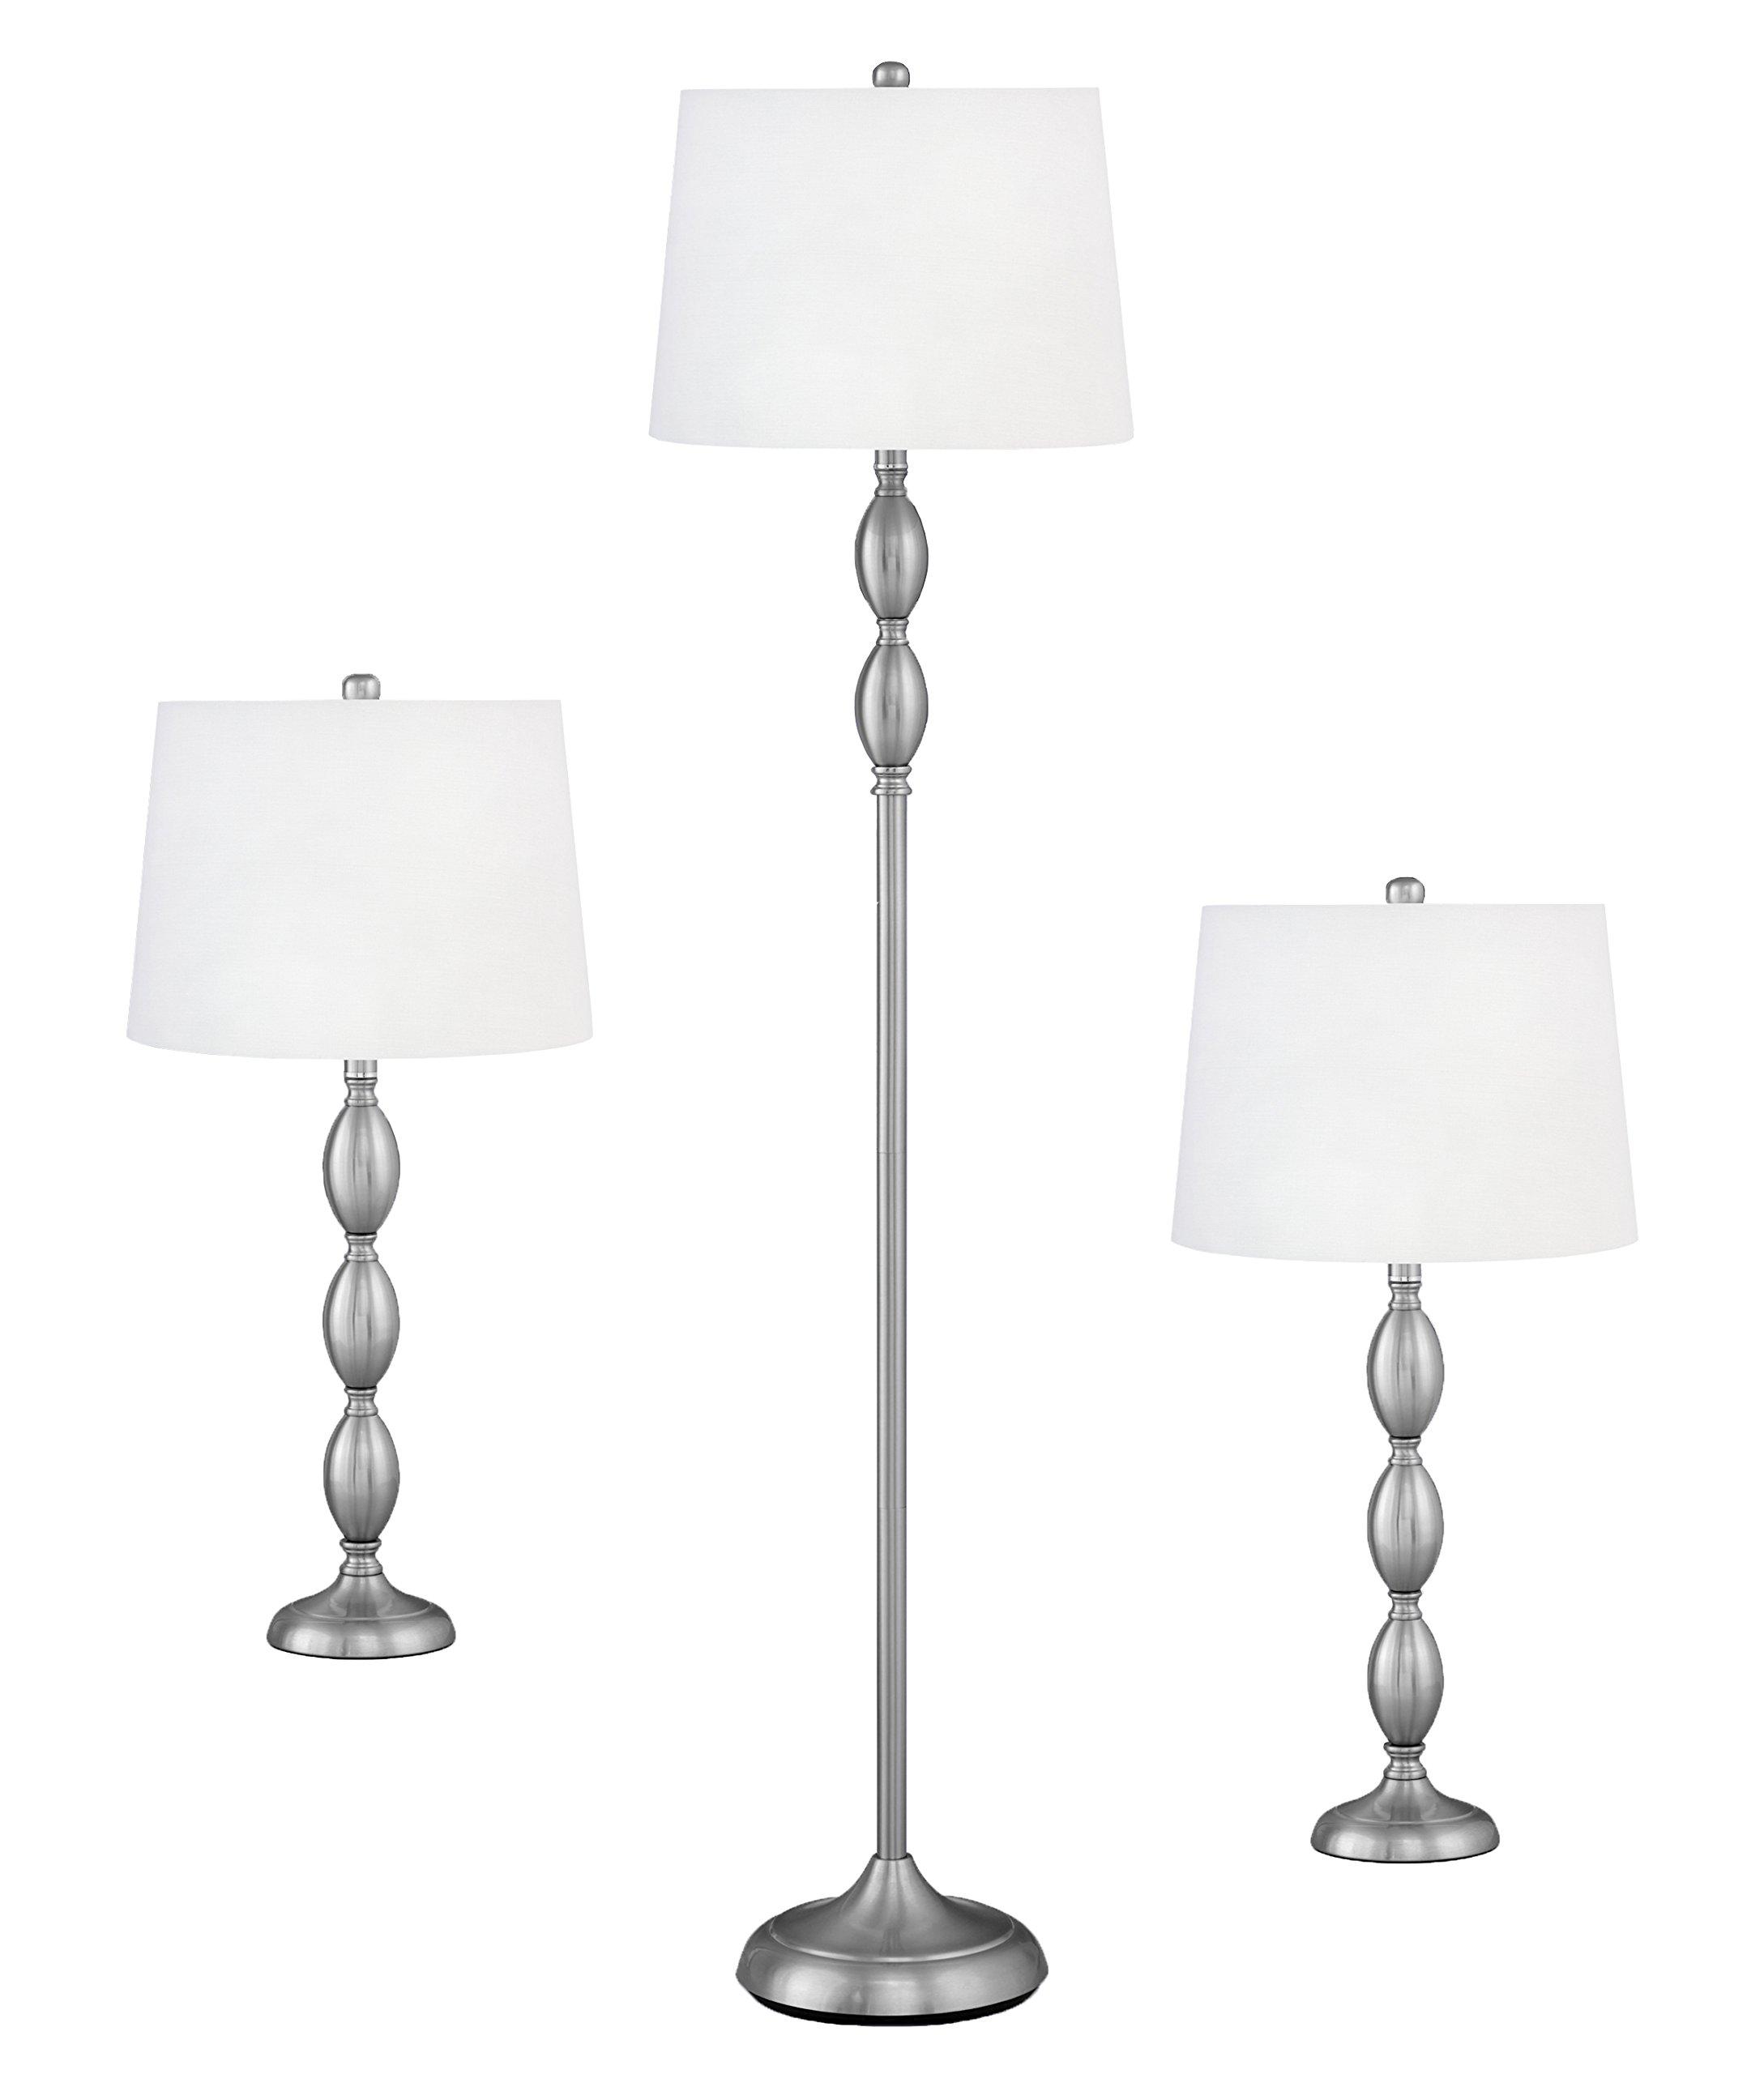 Complements Lighting Verga 3062 inch 150 watt Brushed Steel Coordinated Set by Complements Lighting & Accessories